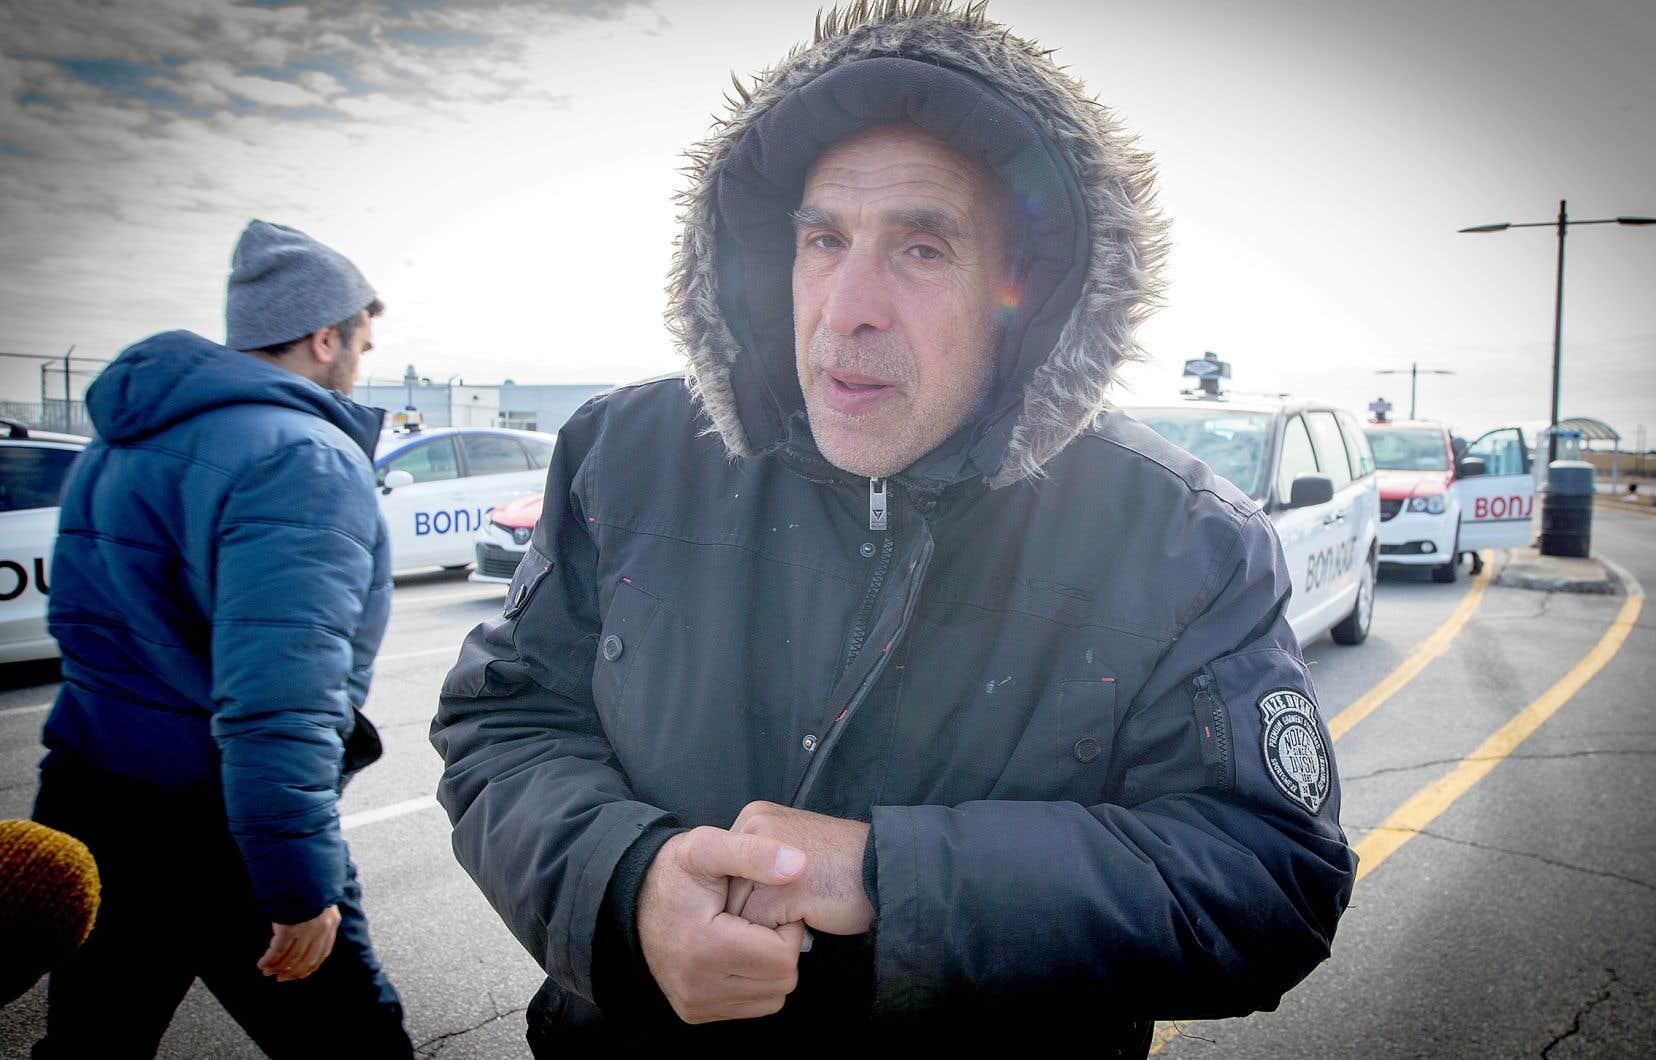 Fadi El Hajj est chauffeur de taxi à Montréal. Ses collègues et lui se retrouvent en première ligne dans la propagation du coronavirus puisqu'ils sont souvent les premiers à entrer en contact avec les touristes ou les citoyens de retour au pays.